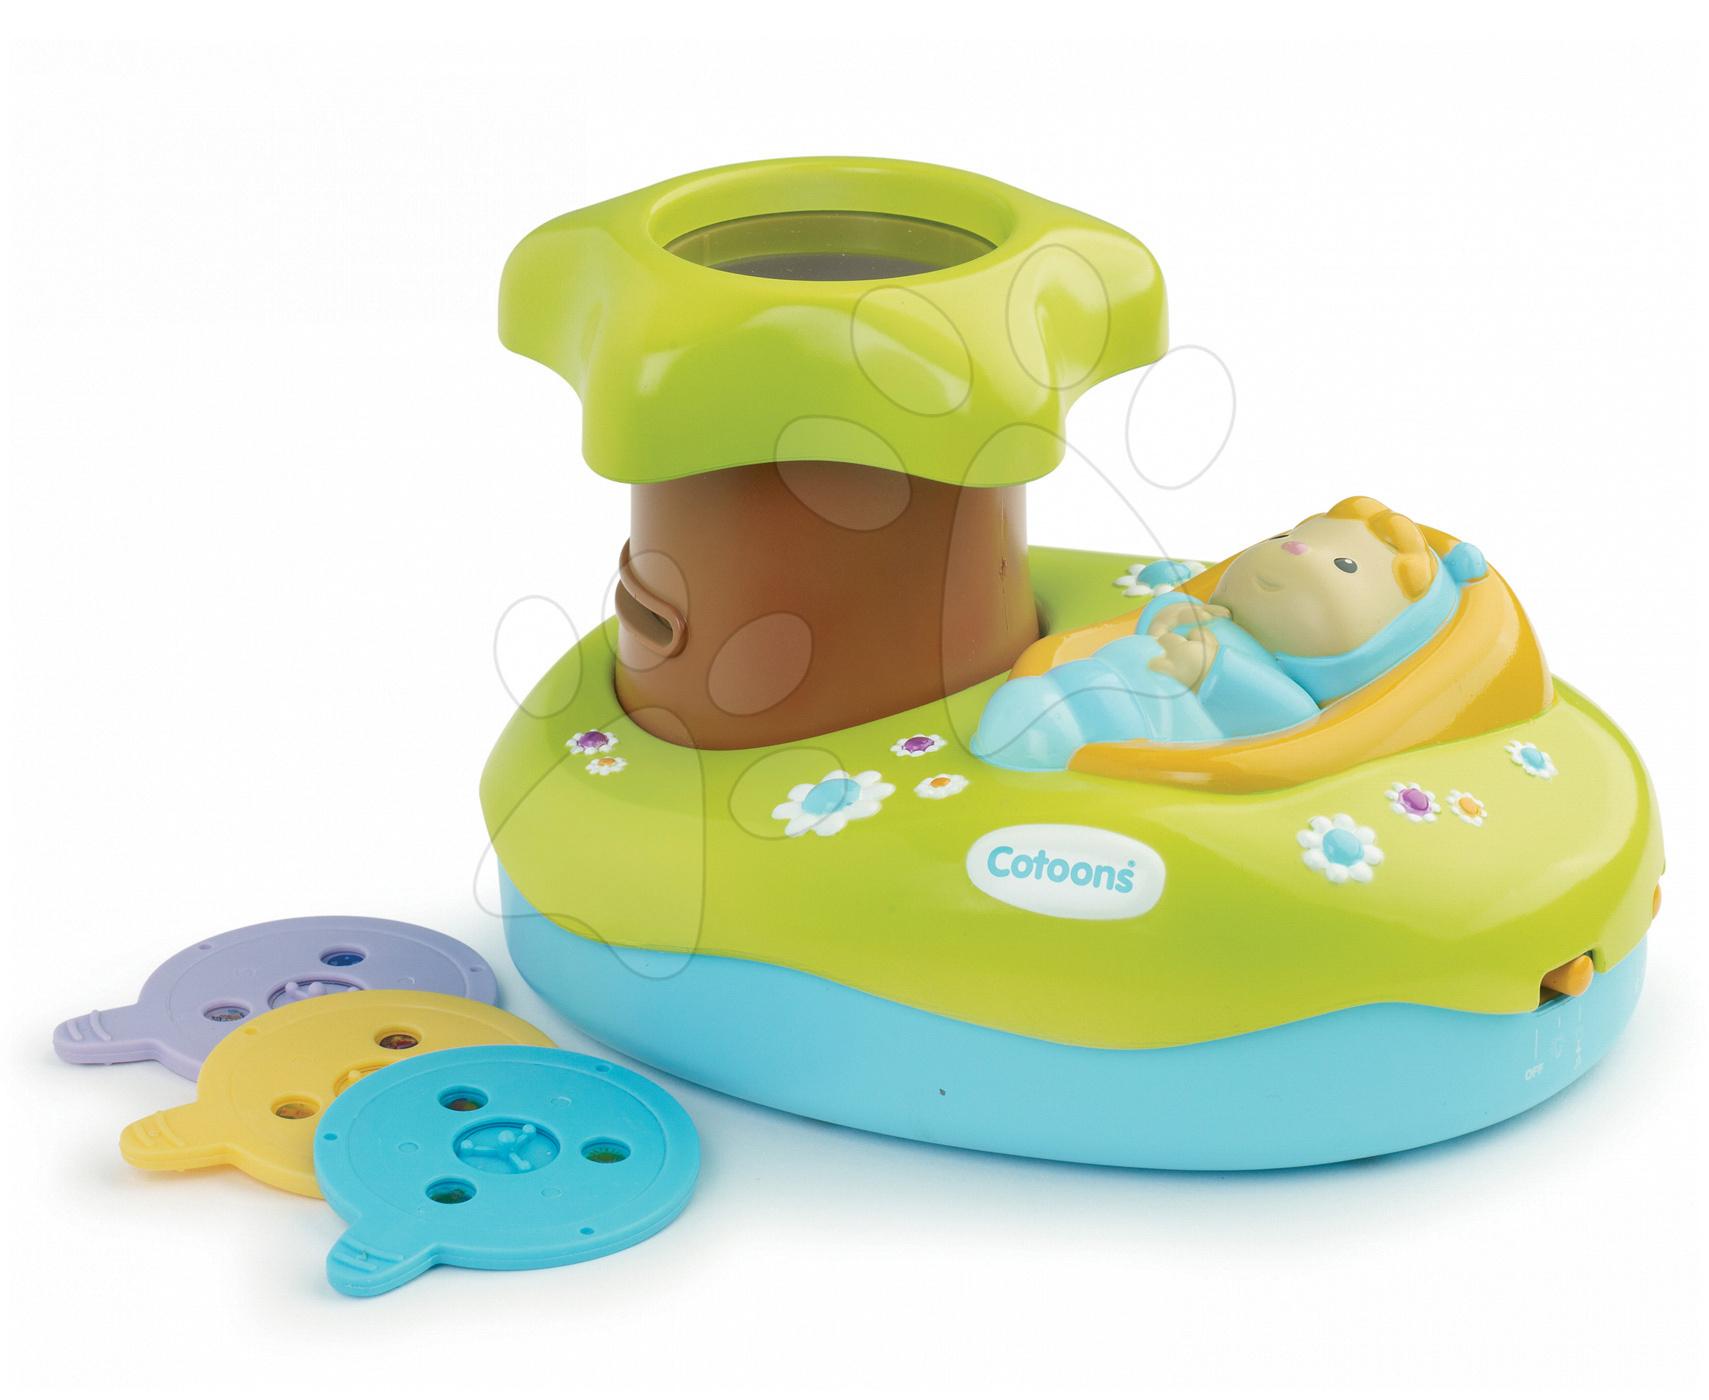 Světelný projektor k postýlce Cotoons Smoby pro kojence modro-zelený